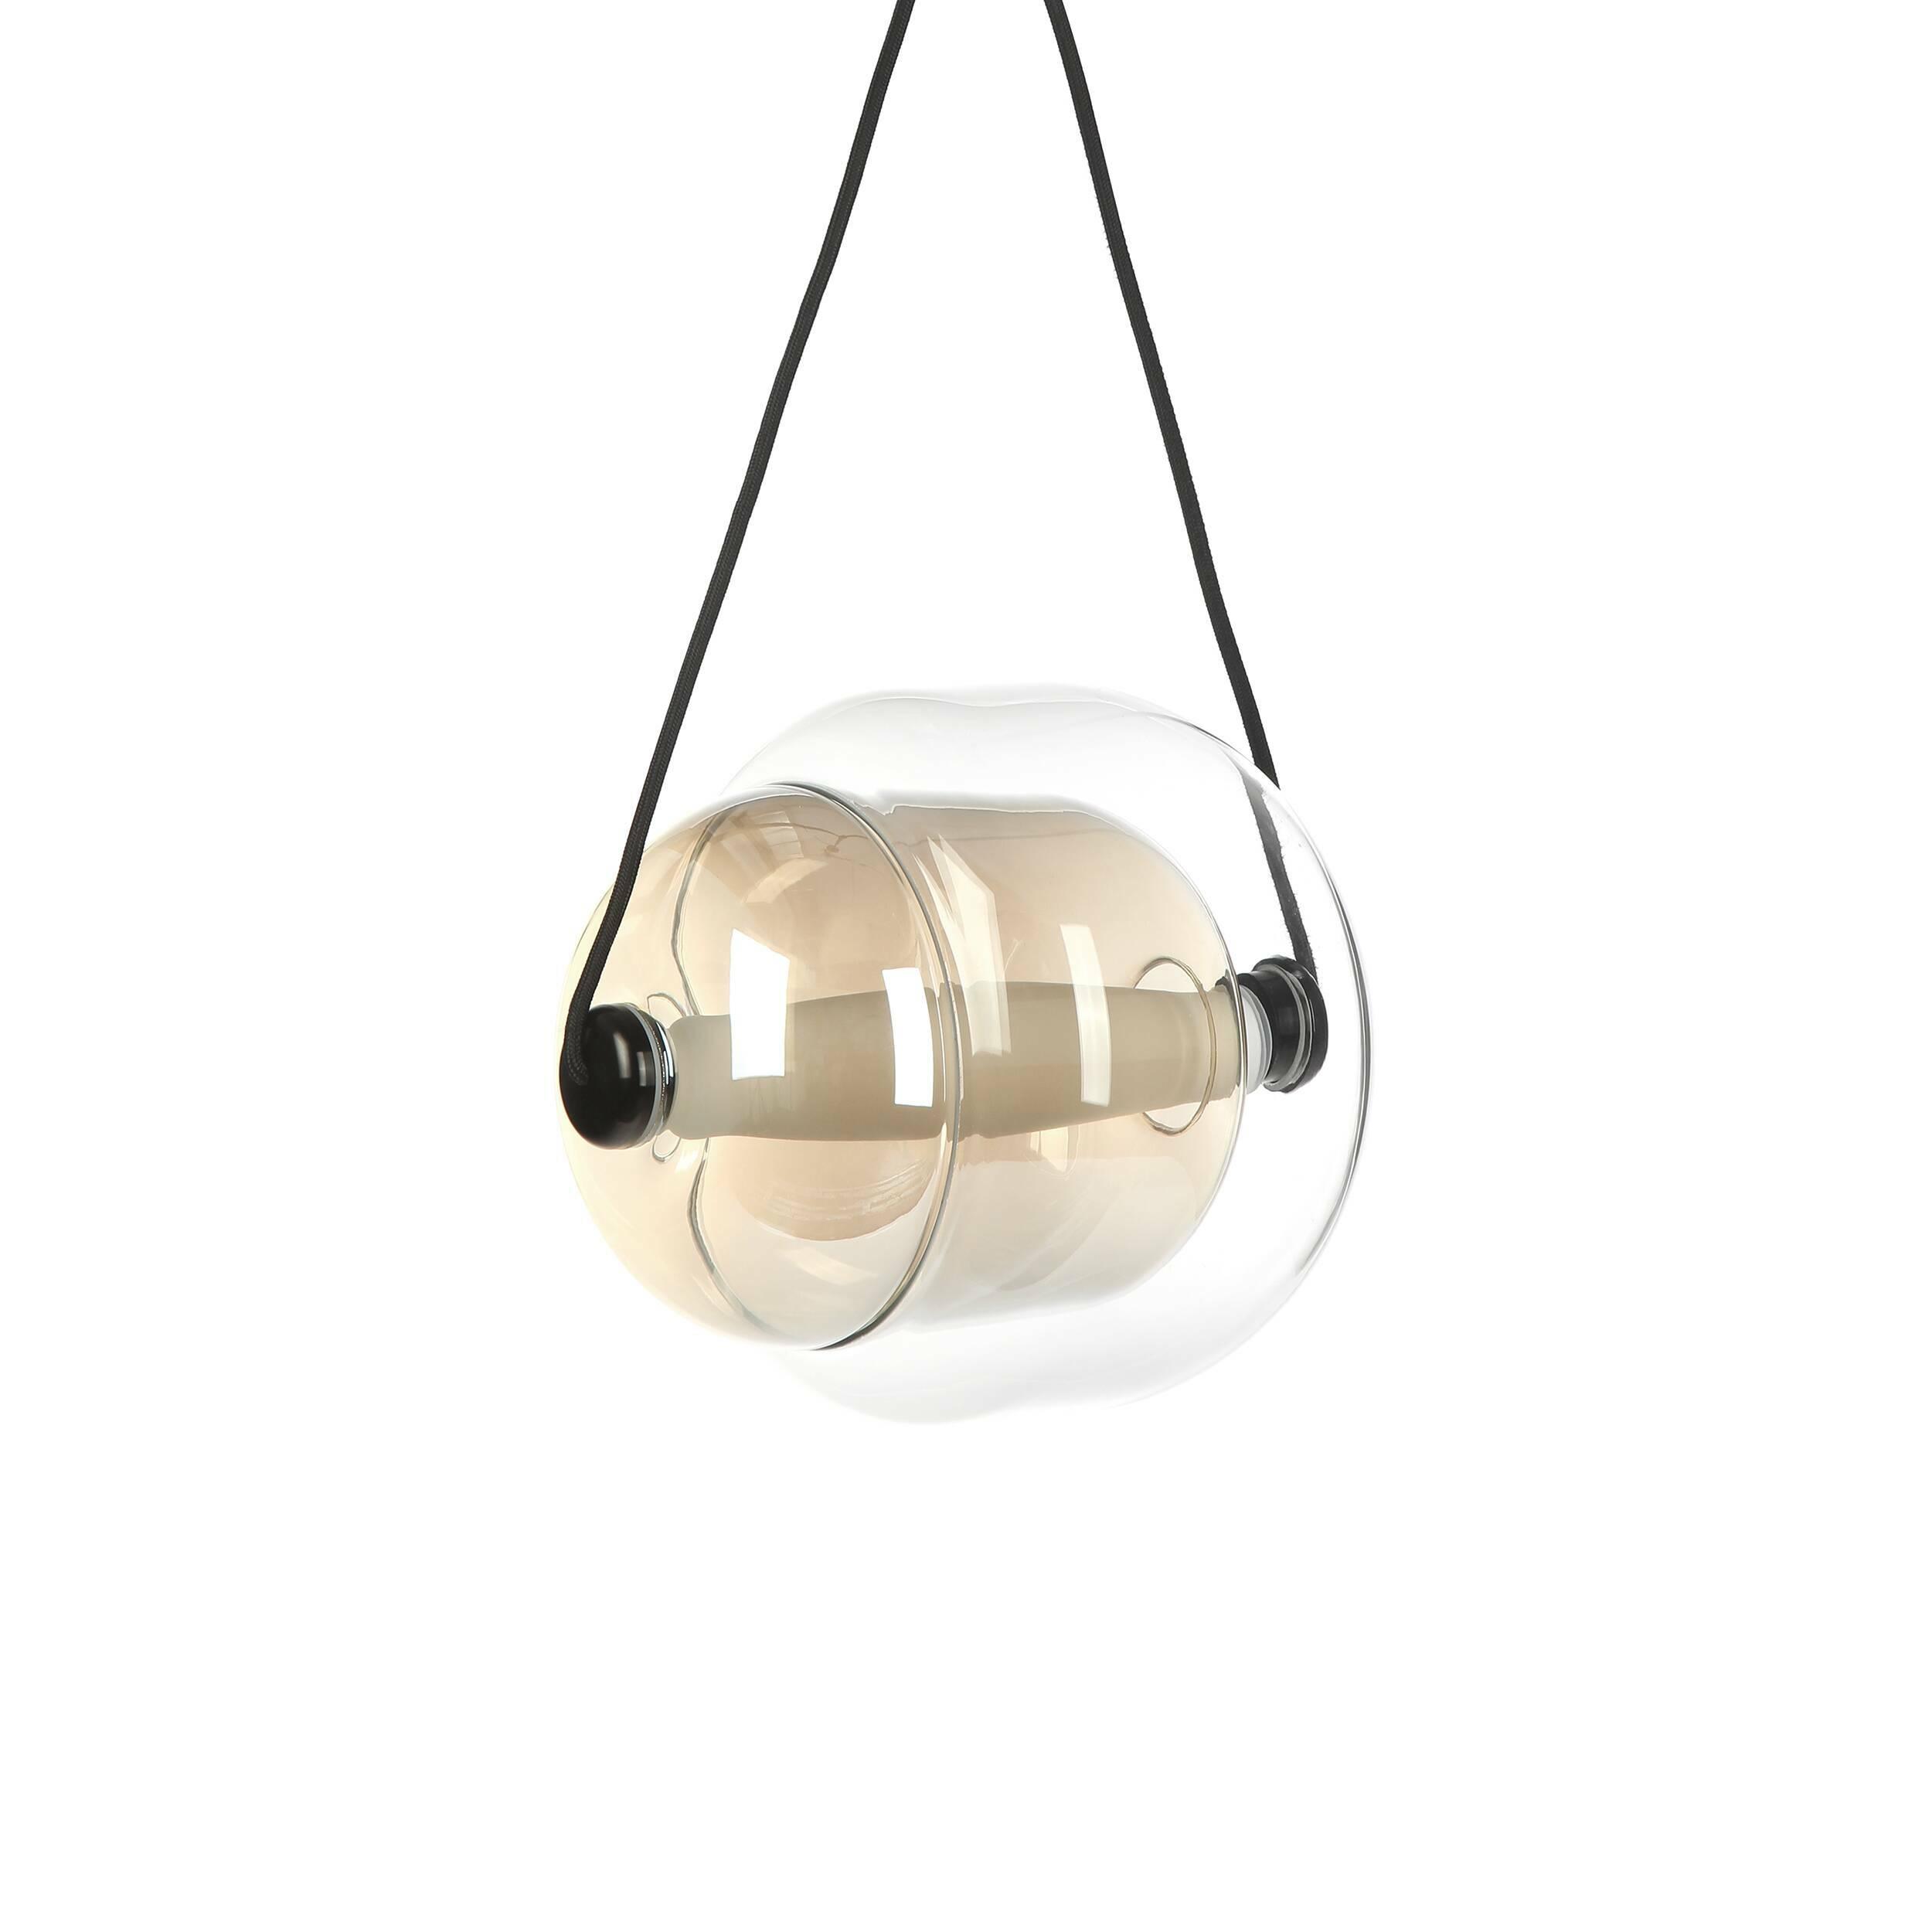 Подвесной светильник EmelineПодвесные<br>Стильный дизайнерский подвесной светильник Emeline (Эмелин) – это необыкновенно красивый источник освещения, который преобразит интерьер и любой комнате придаст больше энергии и домашнего уюта. Модель обладает динамичным дизайном, в ней прослеживается движение и особенный настрой. Такой светильник станет настоящим украшением даже самых роскошных апартаментов.<br><br><br> Светильник обладает интересной двойной формой и полностью сделан из прозрачного стекла. Крепления изготавливаются из прочног...<br><br>stock: 15<br>Высота: 180<br>Диаметр: 30<br>Материал абажура: Стекло<br>Материал арматуры: Алюминий<br>Мощность лампы: 8<br>Тип лампы/цоколь: LED<br>Цвет абажура: Янтарь<br>Цвет арматуры: Прозрачный